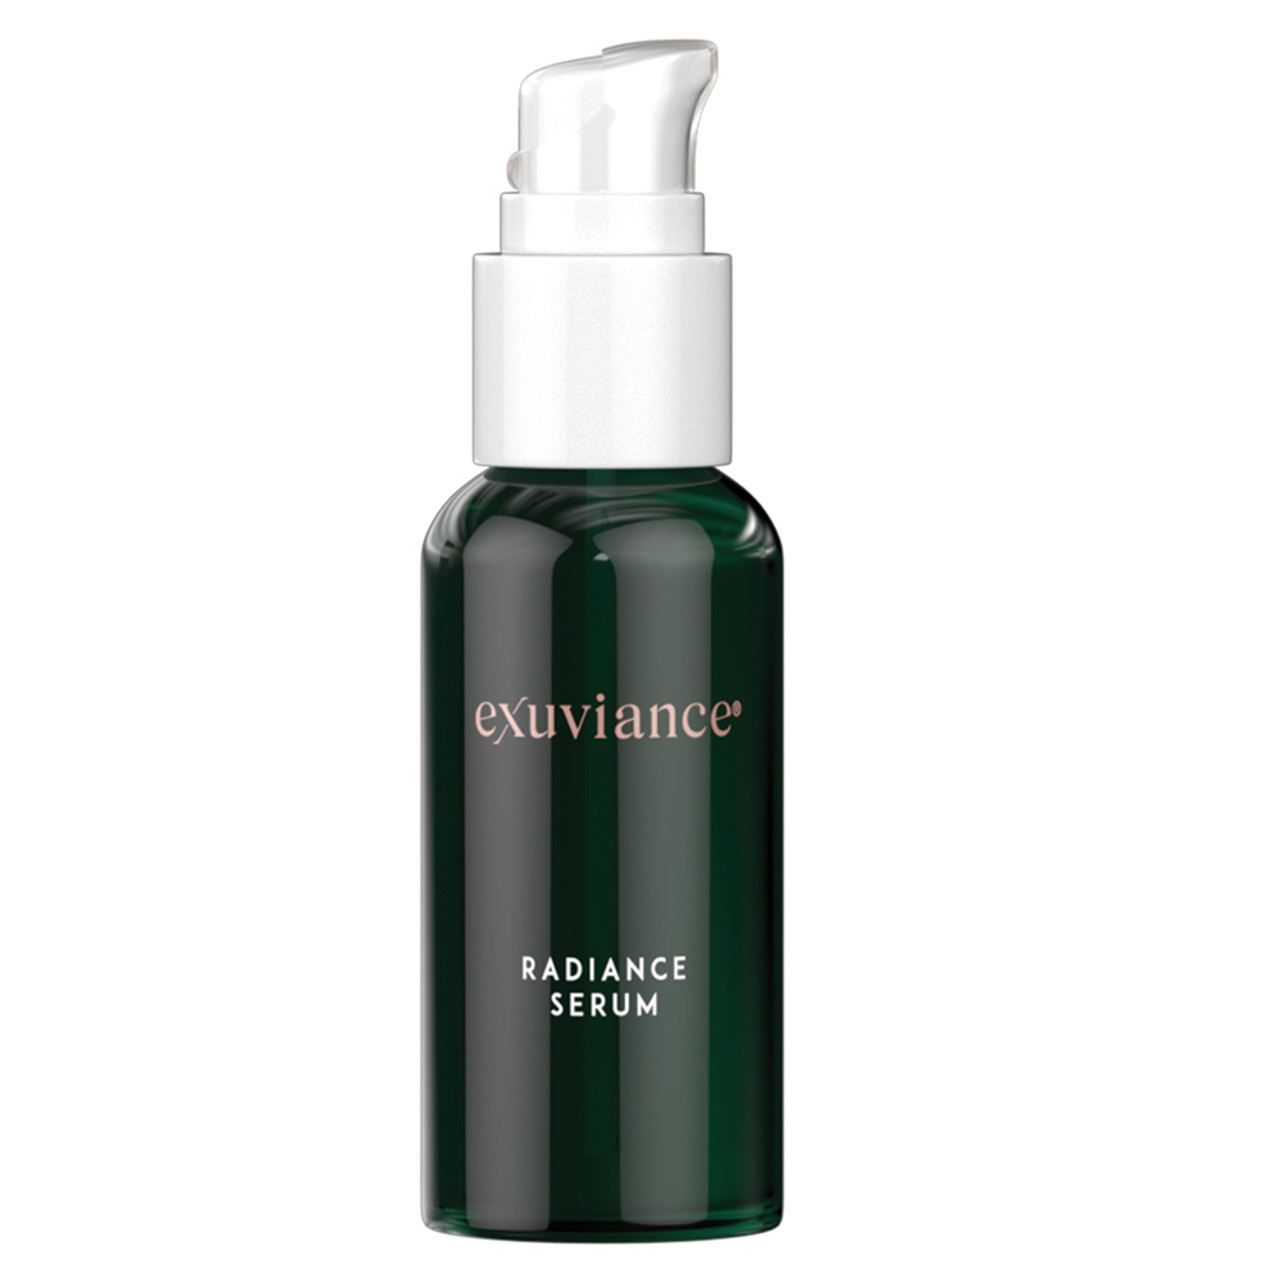 Exuviance Radiance Serum